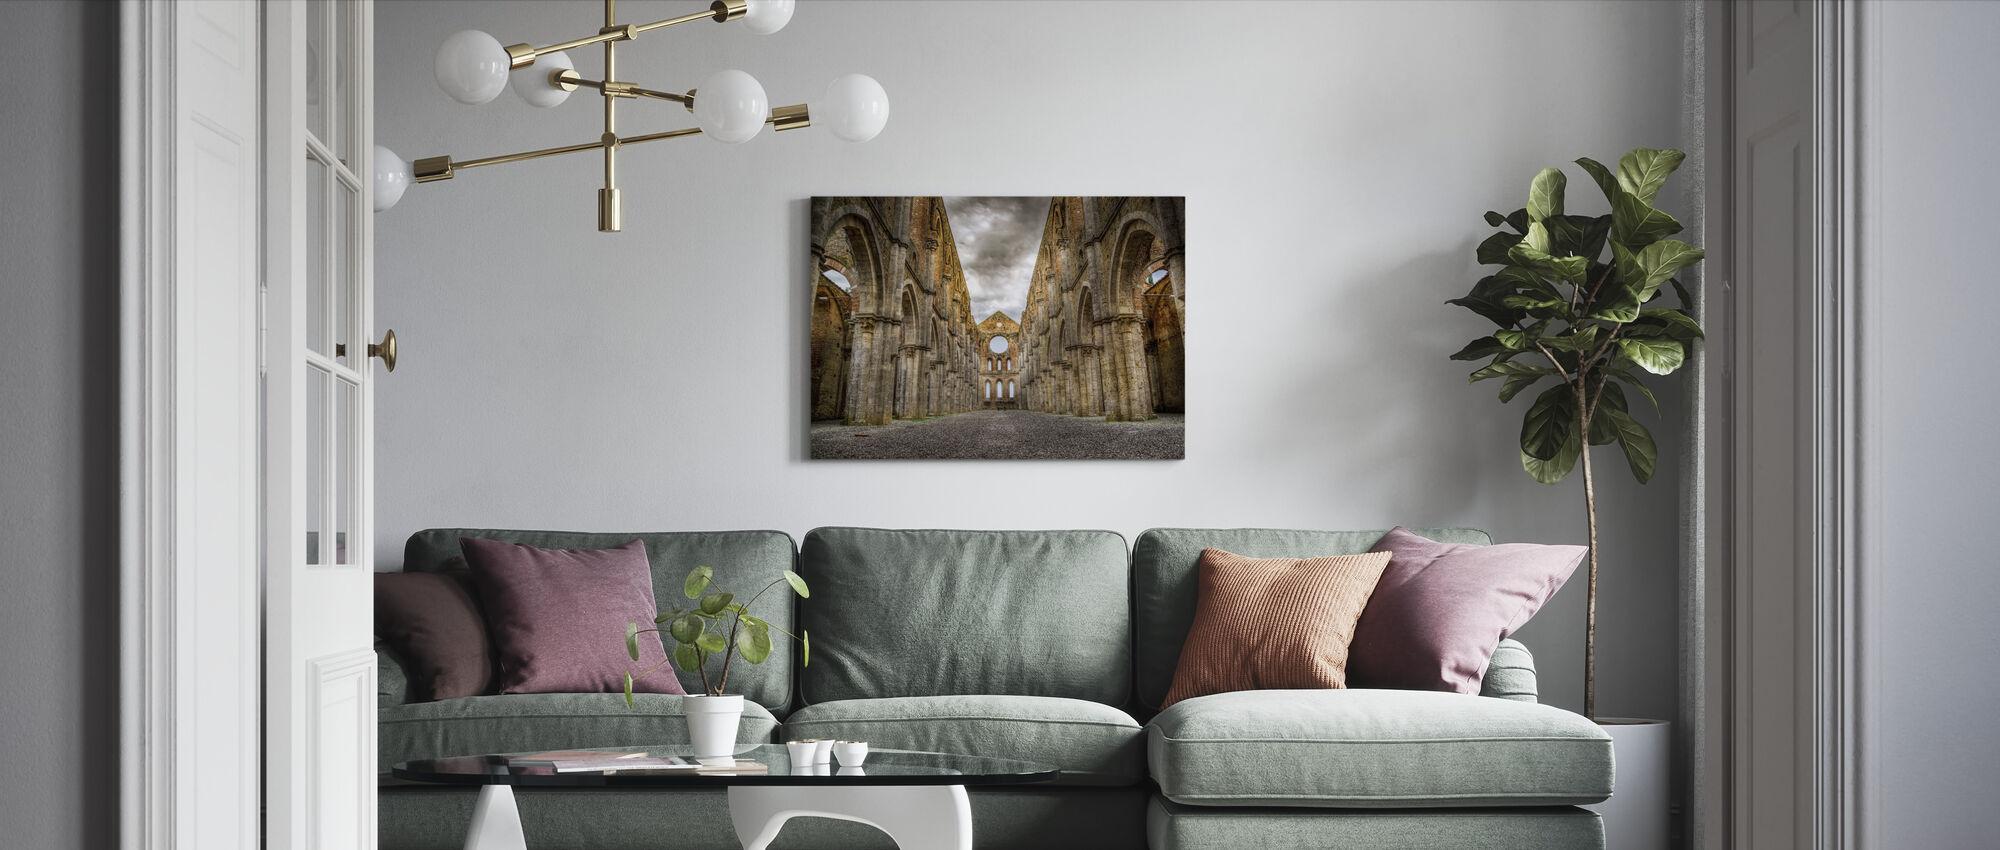 Abbeyn rauniot - Canvastaulu - Olohuone